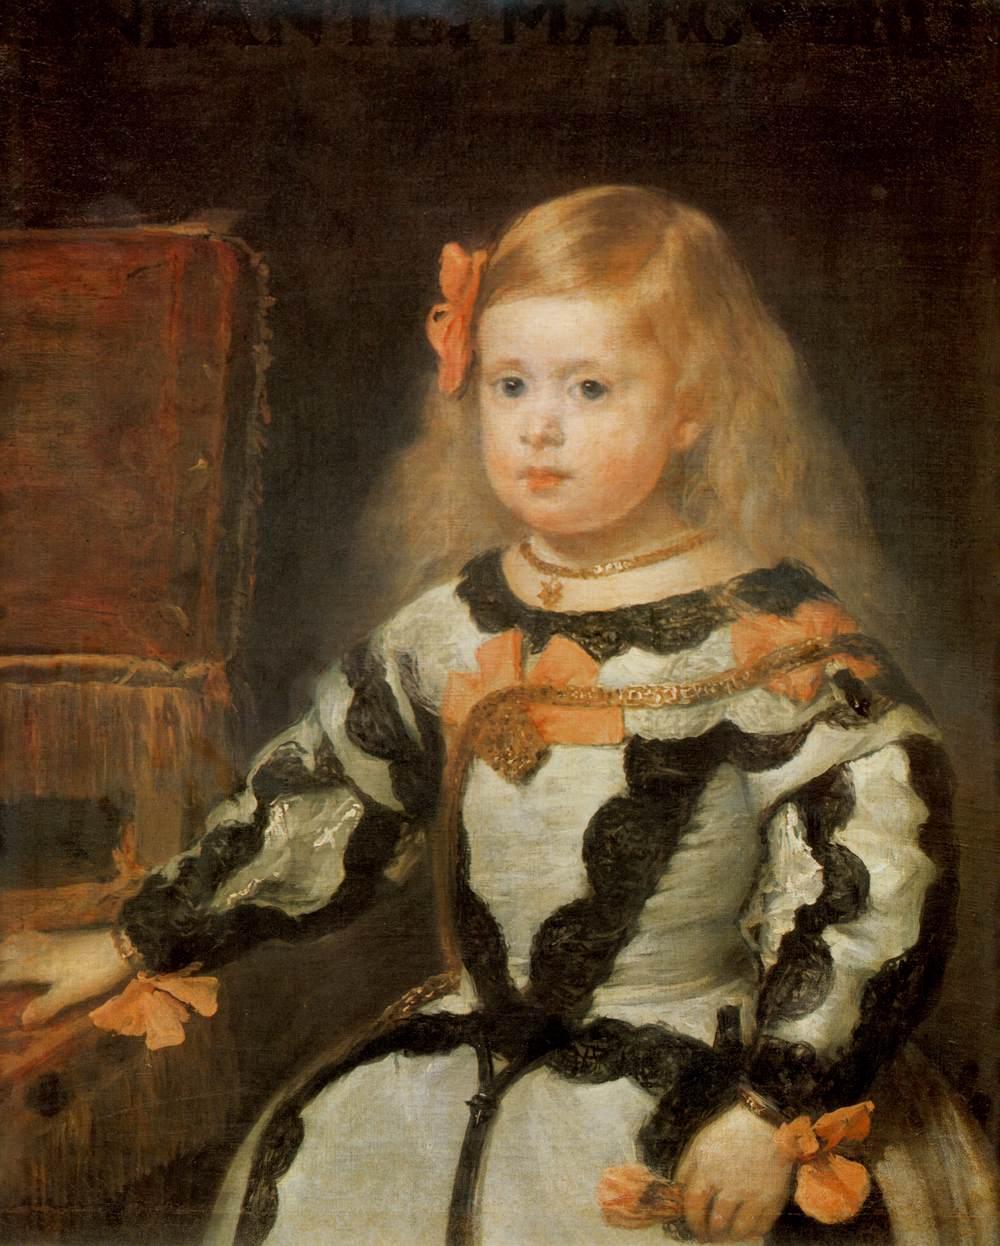 Retrato de la infanta Margarita Diego Velázquez